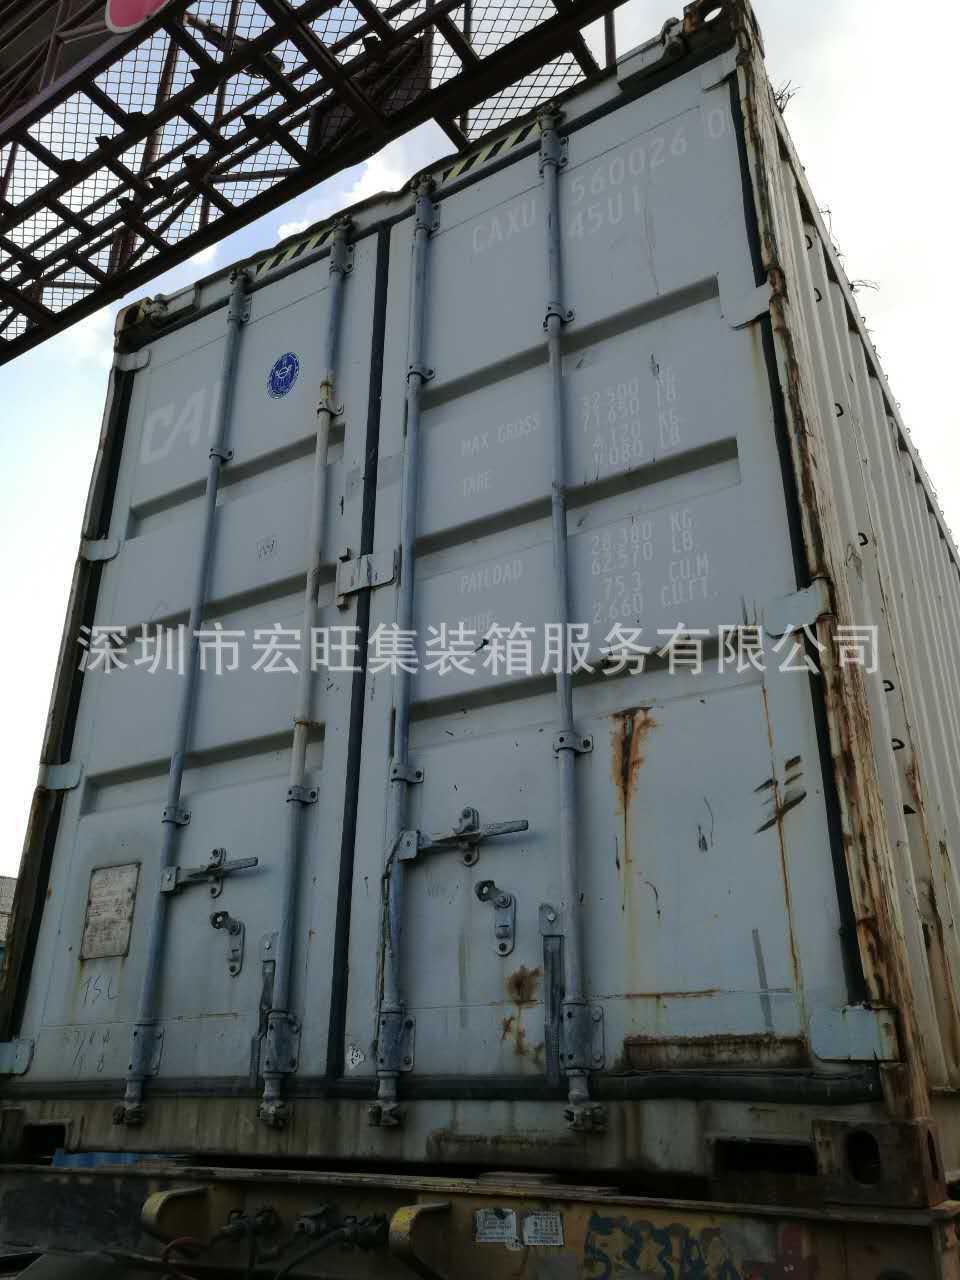 开顶集装箱 大批量集装箱优质现货